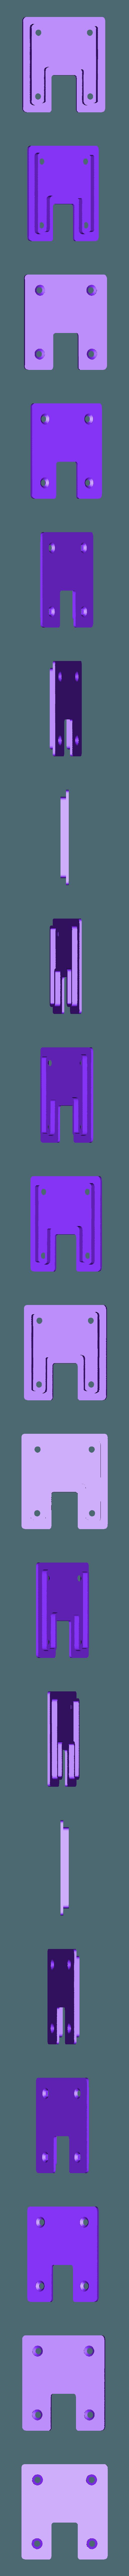 Lid_0.25res_20.stl Download free STL file Volvo V40 Trunk Hook • Design to 3D print, stibo